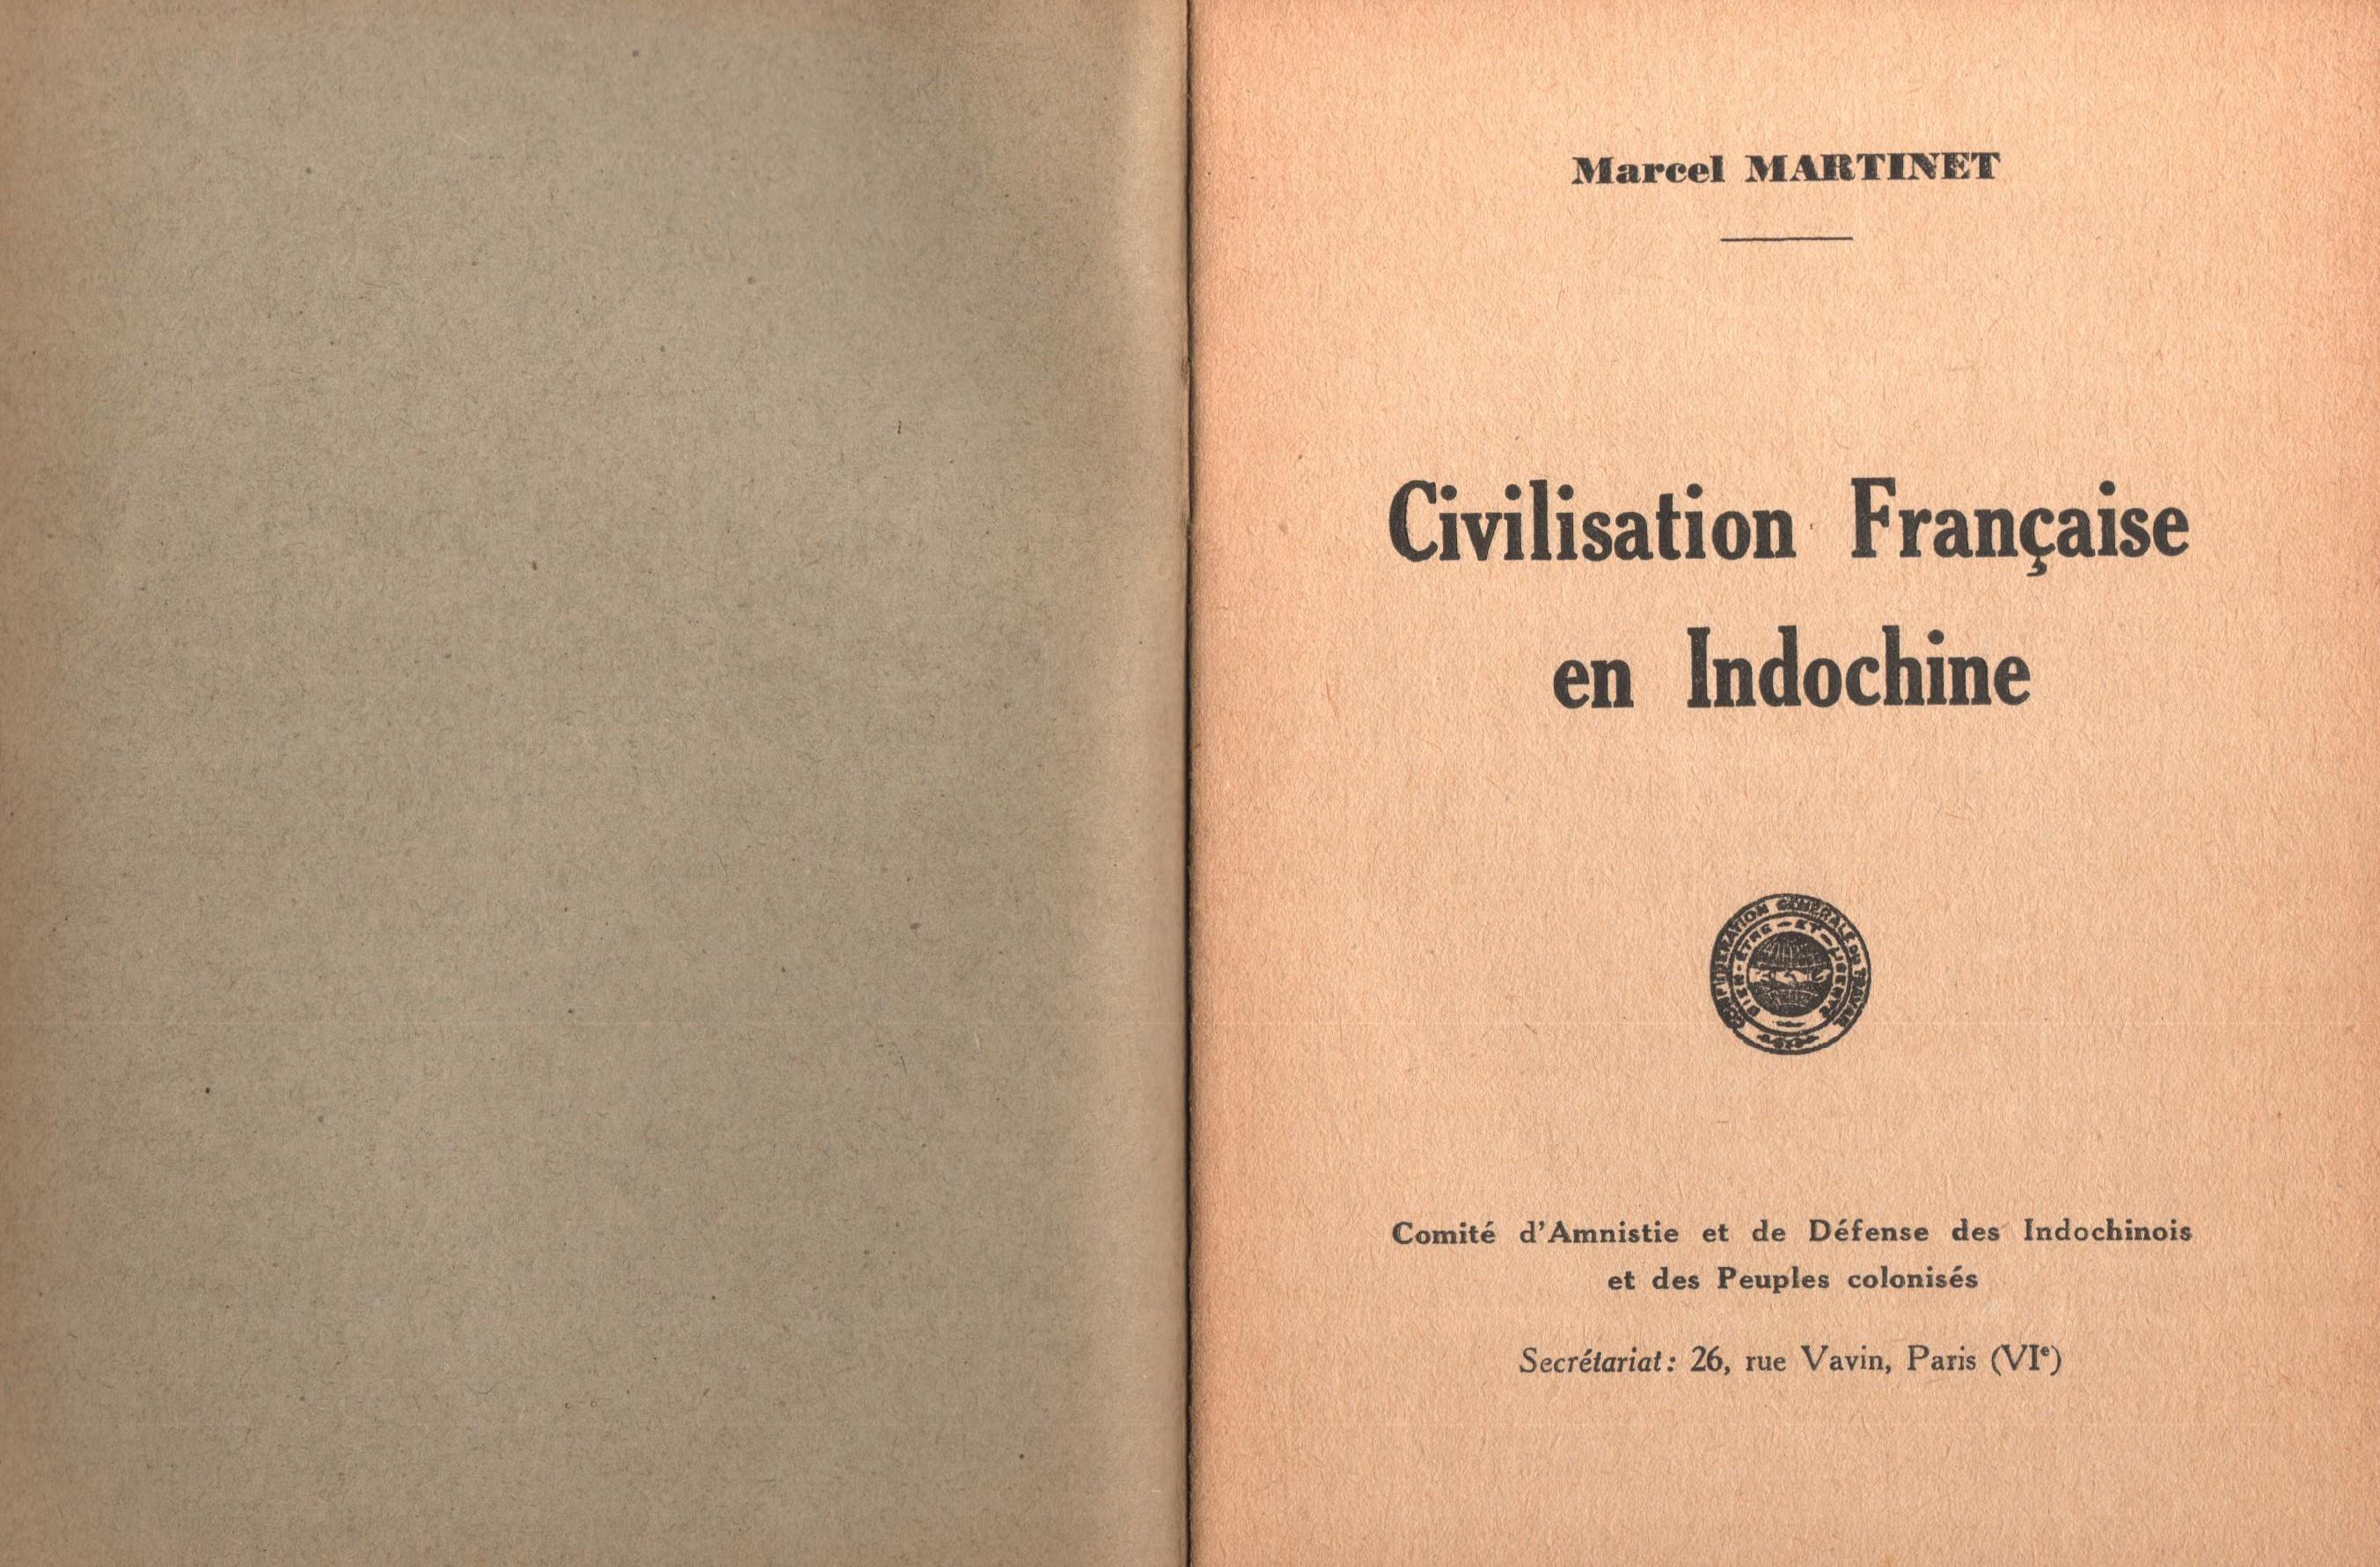 Marcel Martinet, Civilisation française en Indochine - pag. 2